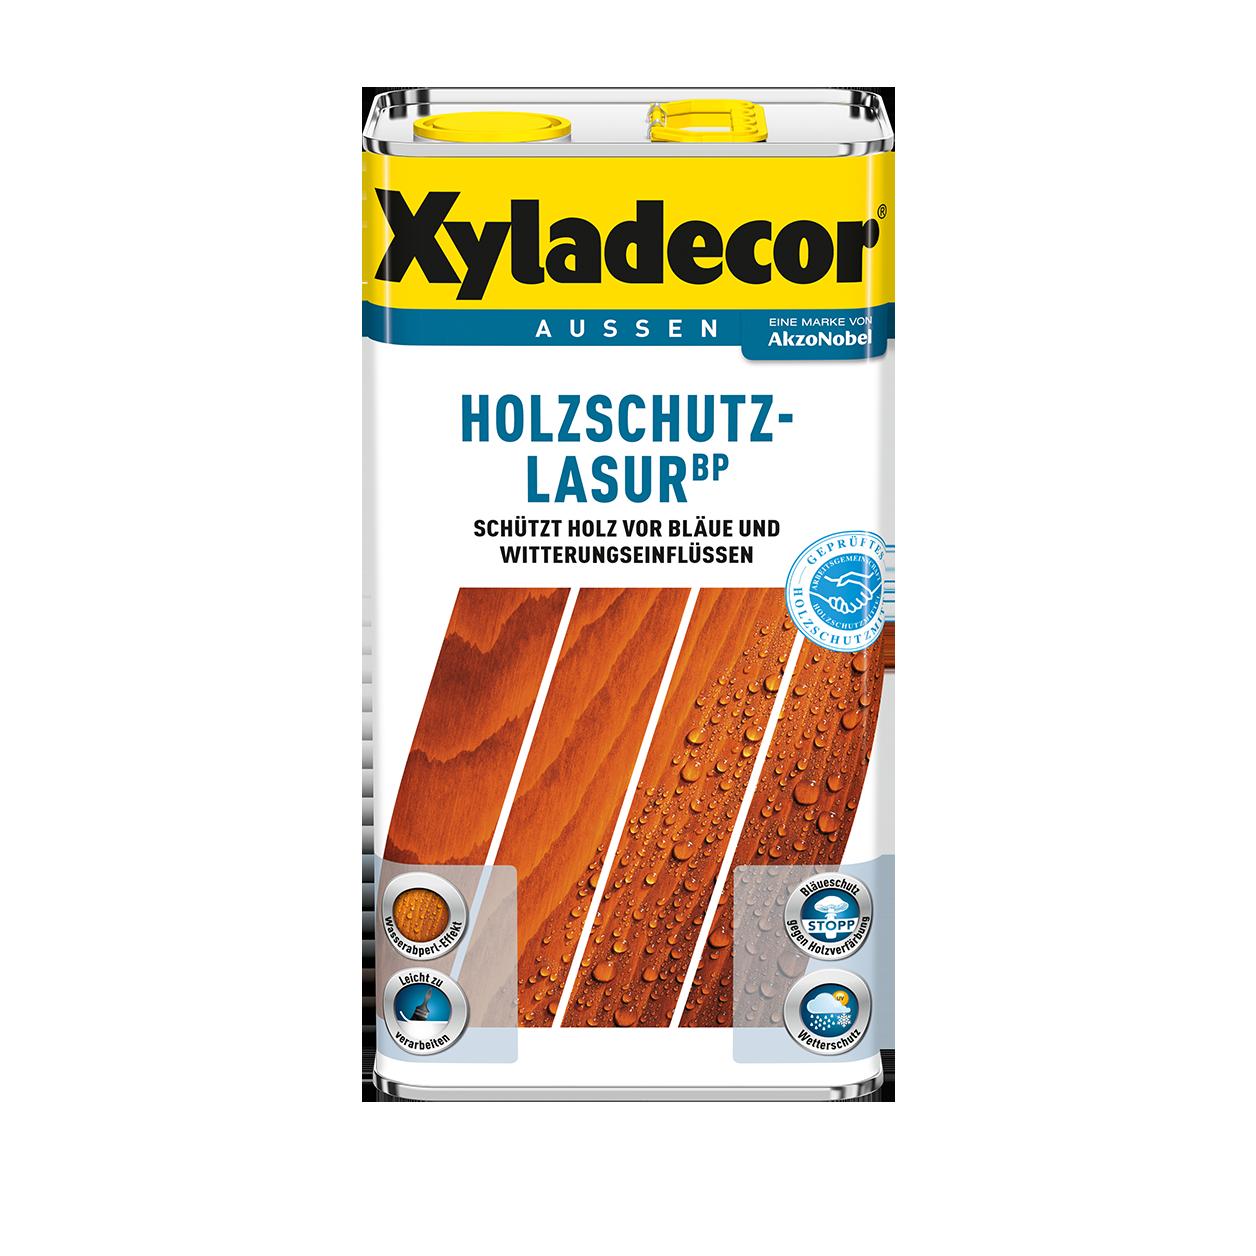 Xyladecor Holzschutz-Lasur BPR